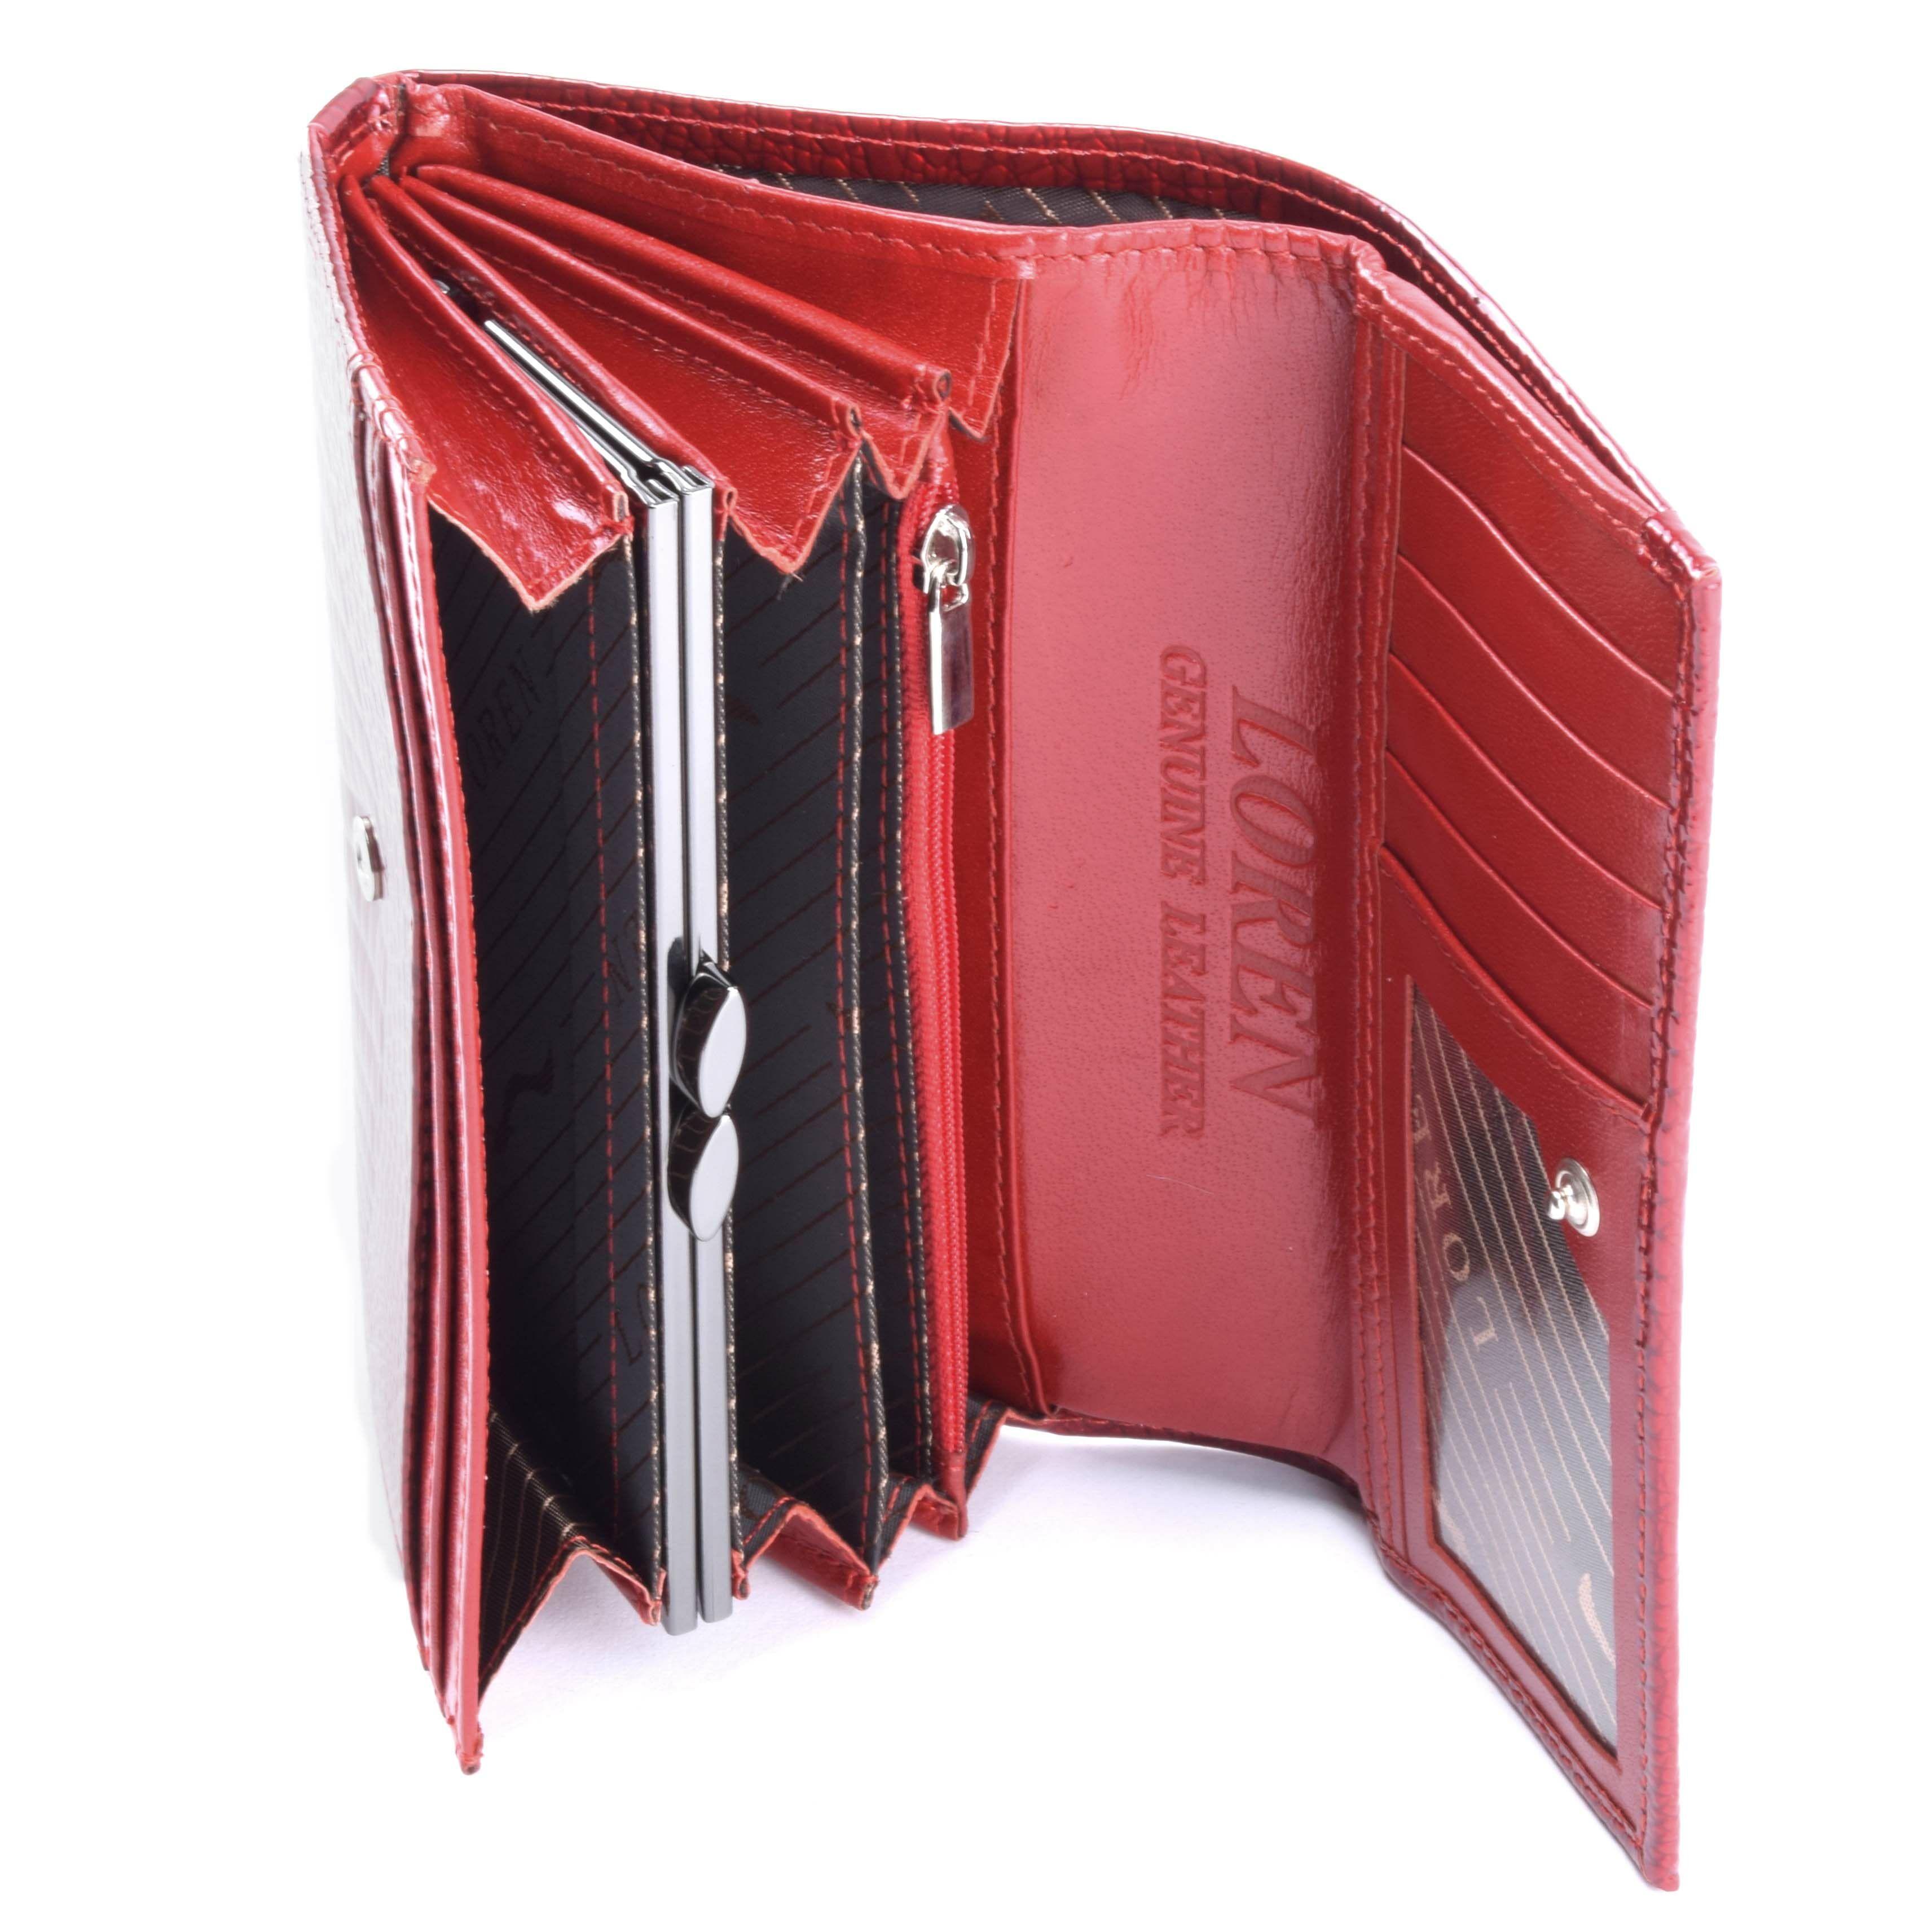 be92eeae8e Strasszkövekkel díszitett elegáns és praktikus lakkbőr pénztárca  strasszkövekkel. Kártyatartóval és zárható apró tartóval, valamint cipzáros  zsebbel.